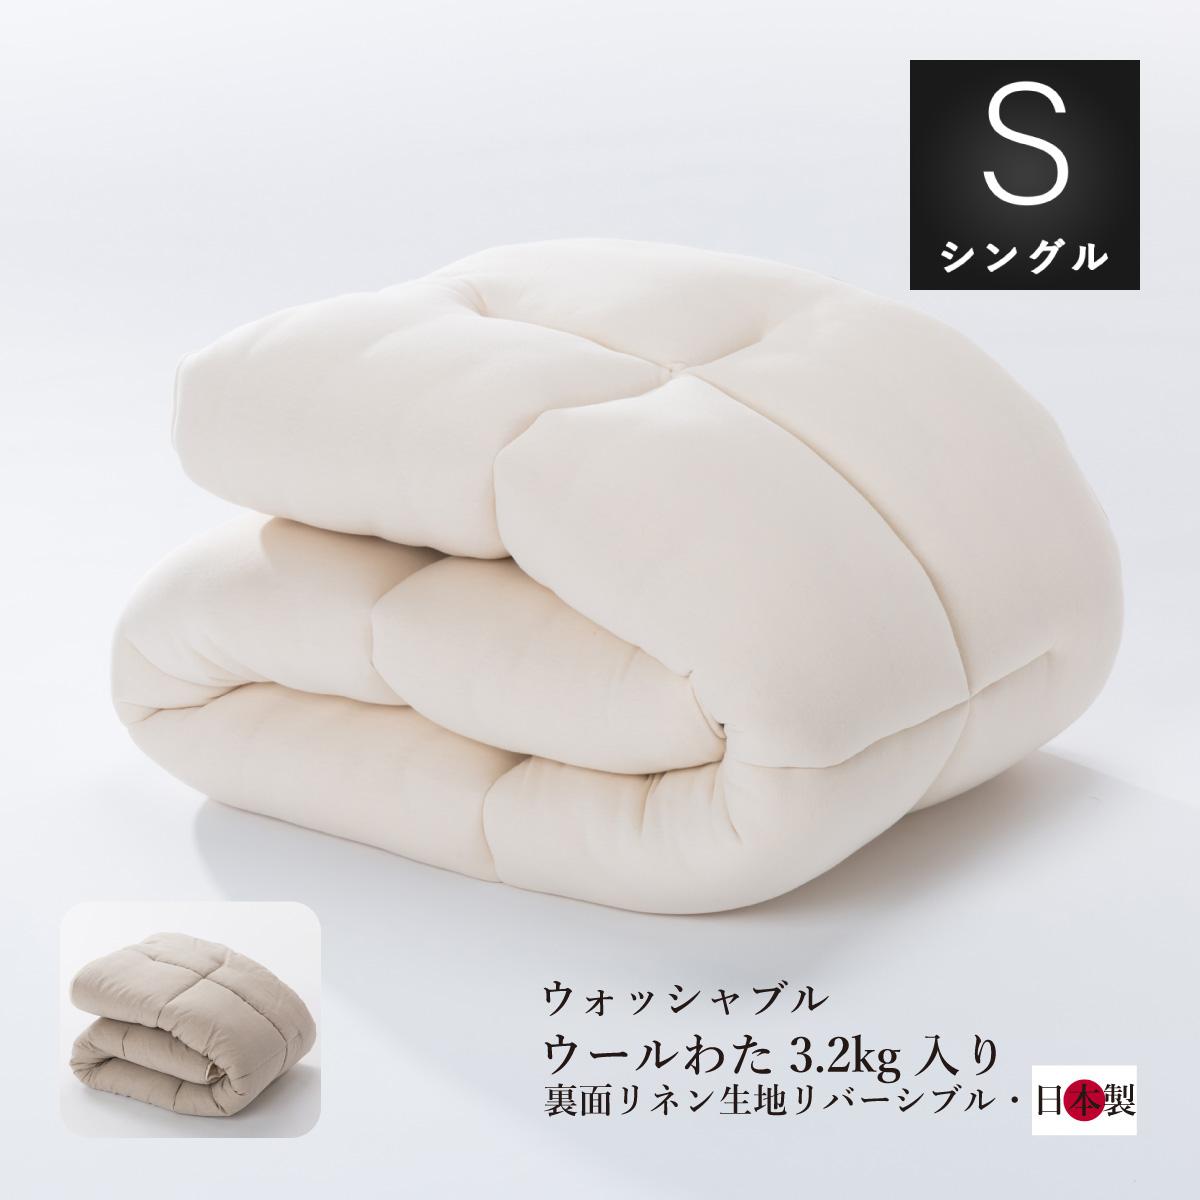 当店のオリジナル 2枚敷き用日本製 高品質 羊毛敷き布団厚手 ベッドパッドシングルサイズ